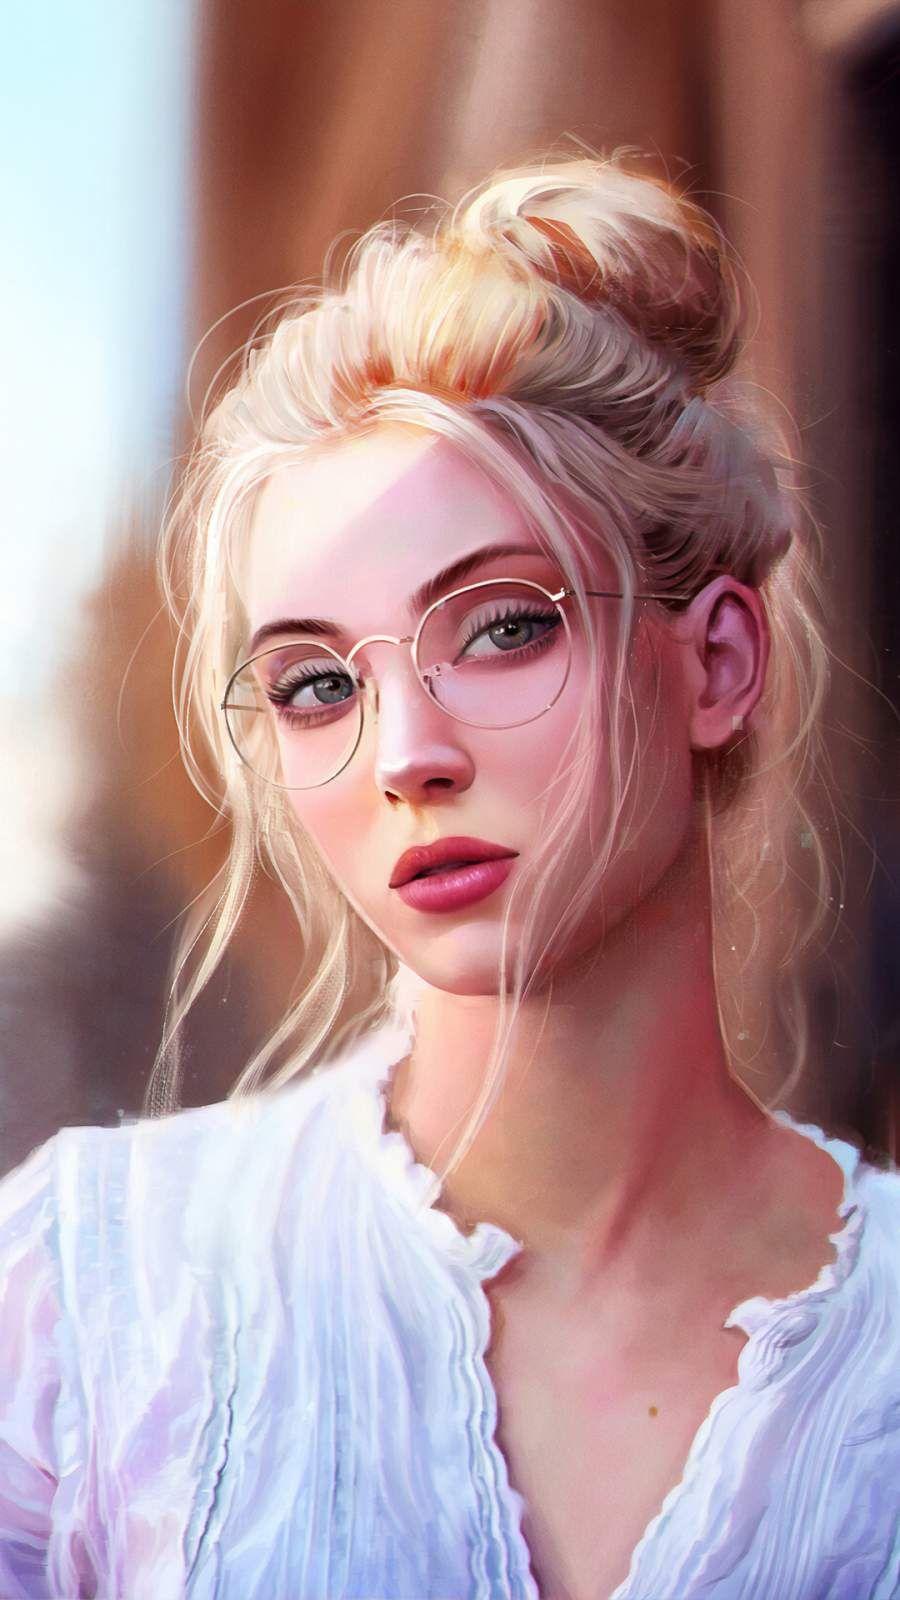 Blonde Hair Digital Art Girl , HD Wallpaper & Backgrounds